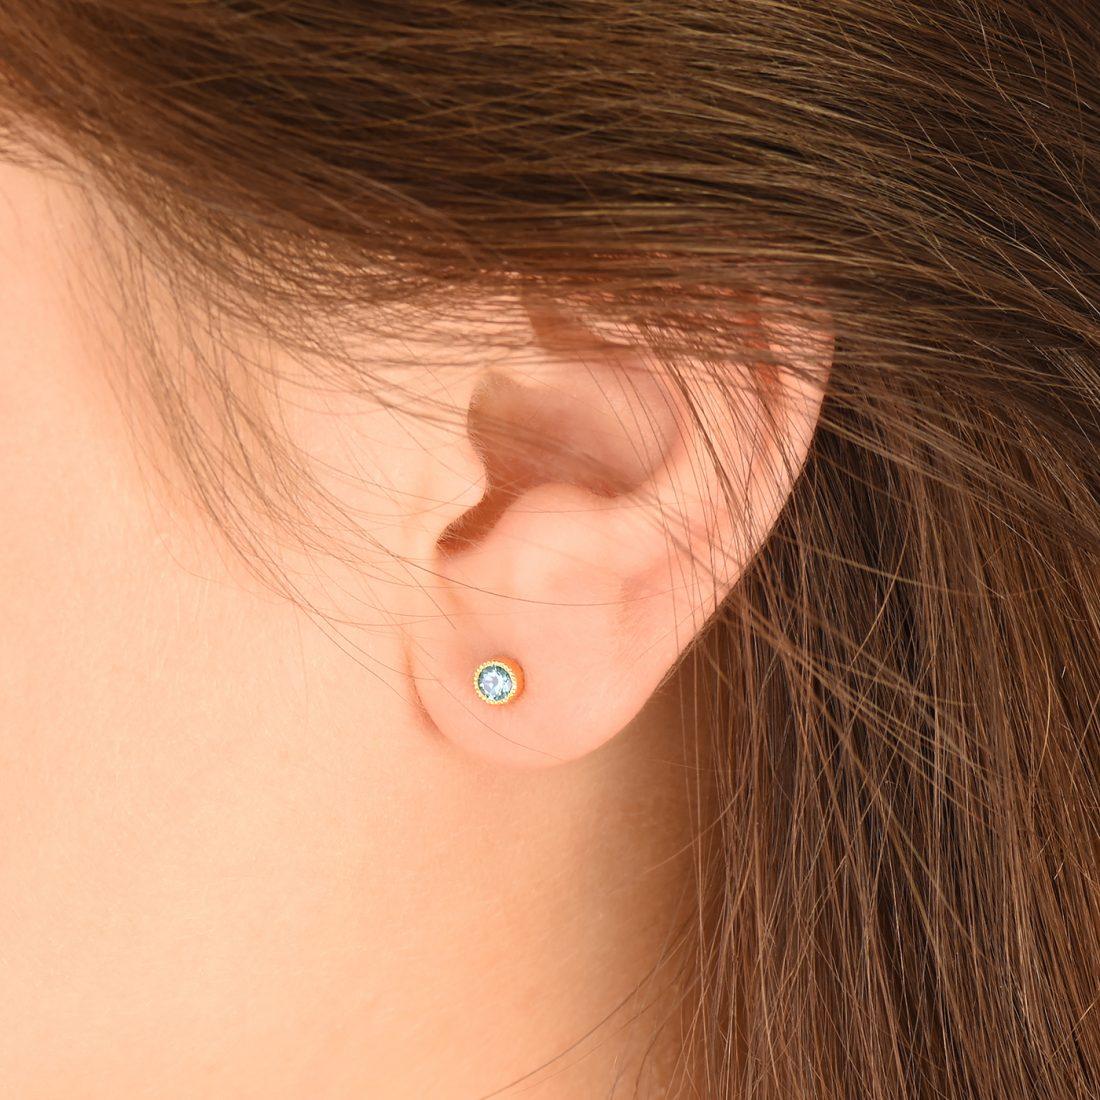 aquamarine stud earrings 18ct gold